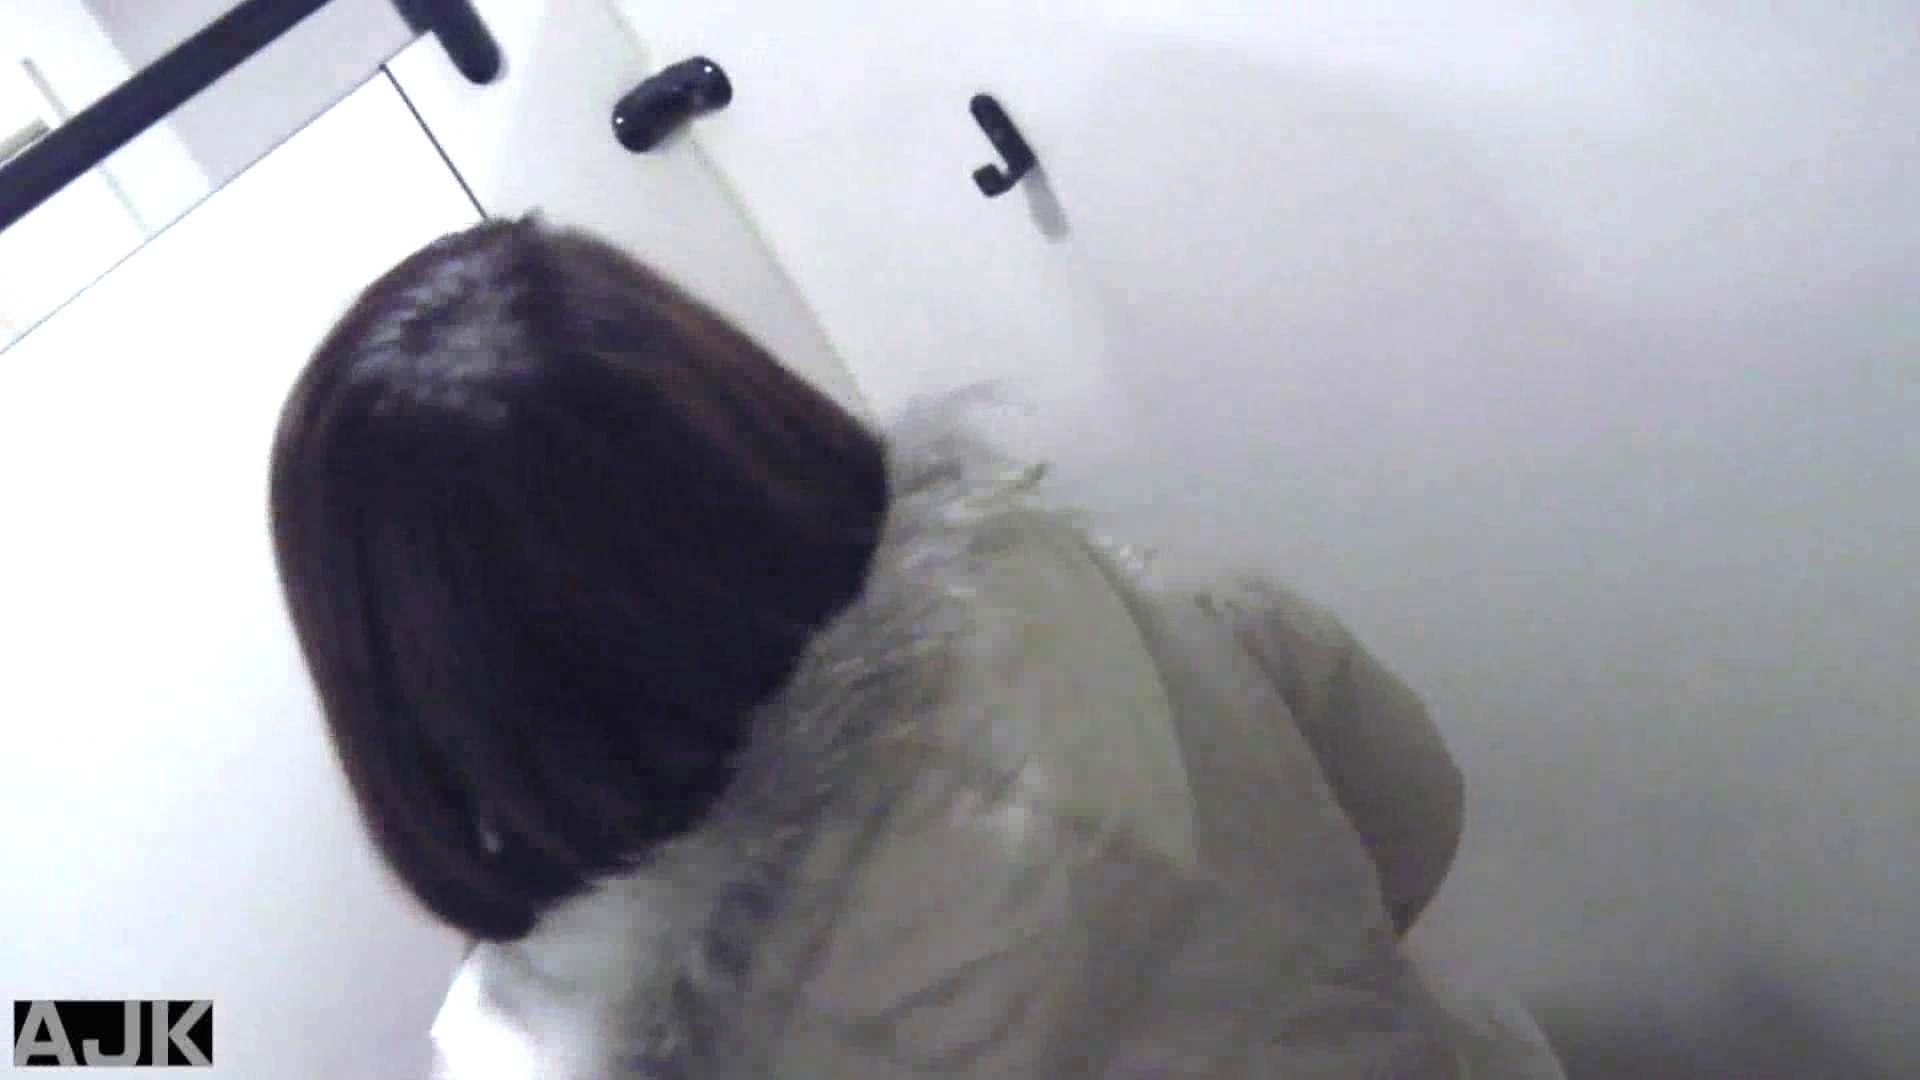 隣国上階級エリアの令嬢たちが集うデパートお手洗い Vol.30 便器 SEX無修正画像 100枚 96